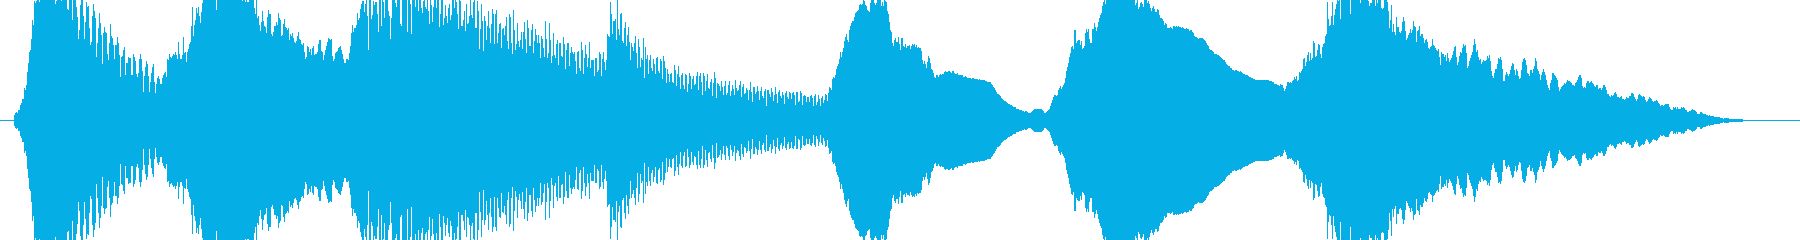 ホラー系 金属的な音 暗がり等の再生済みの波形